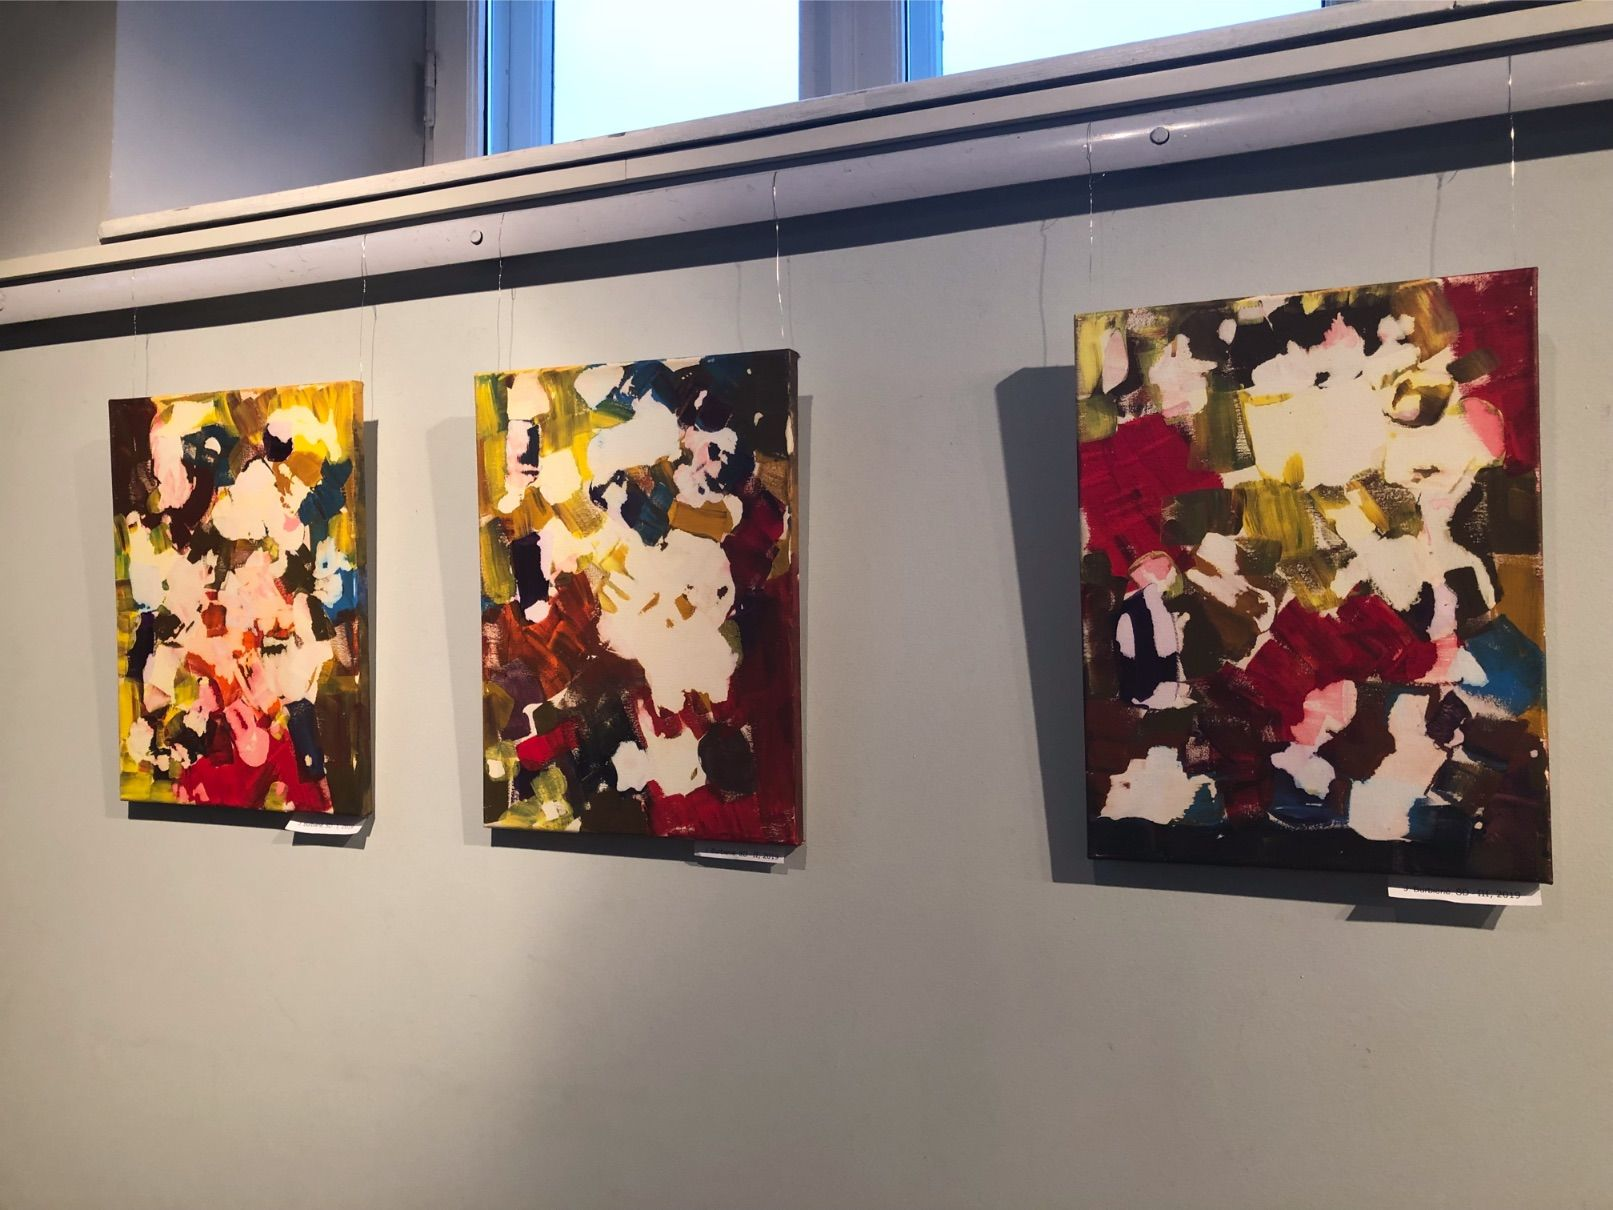 Pagrindinė J. Burbienės kūrybinių tapybos paieškų tema – spalvų deriniai ir jų poveikis aplinkai, spalvinių derinių išraiškingumas ir visuma. / D. Borodinaitės nuotr.